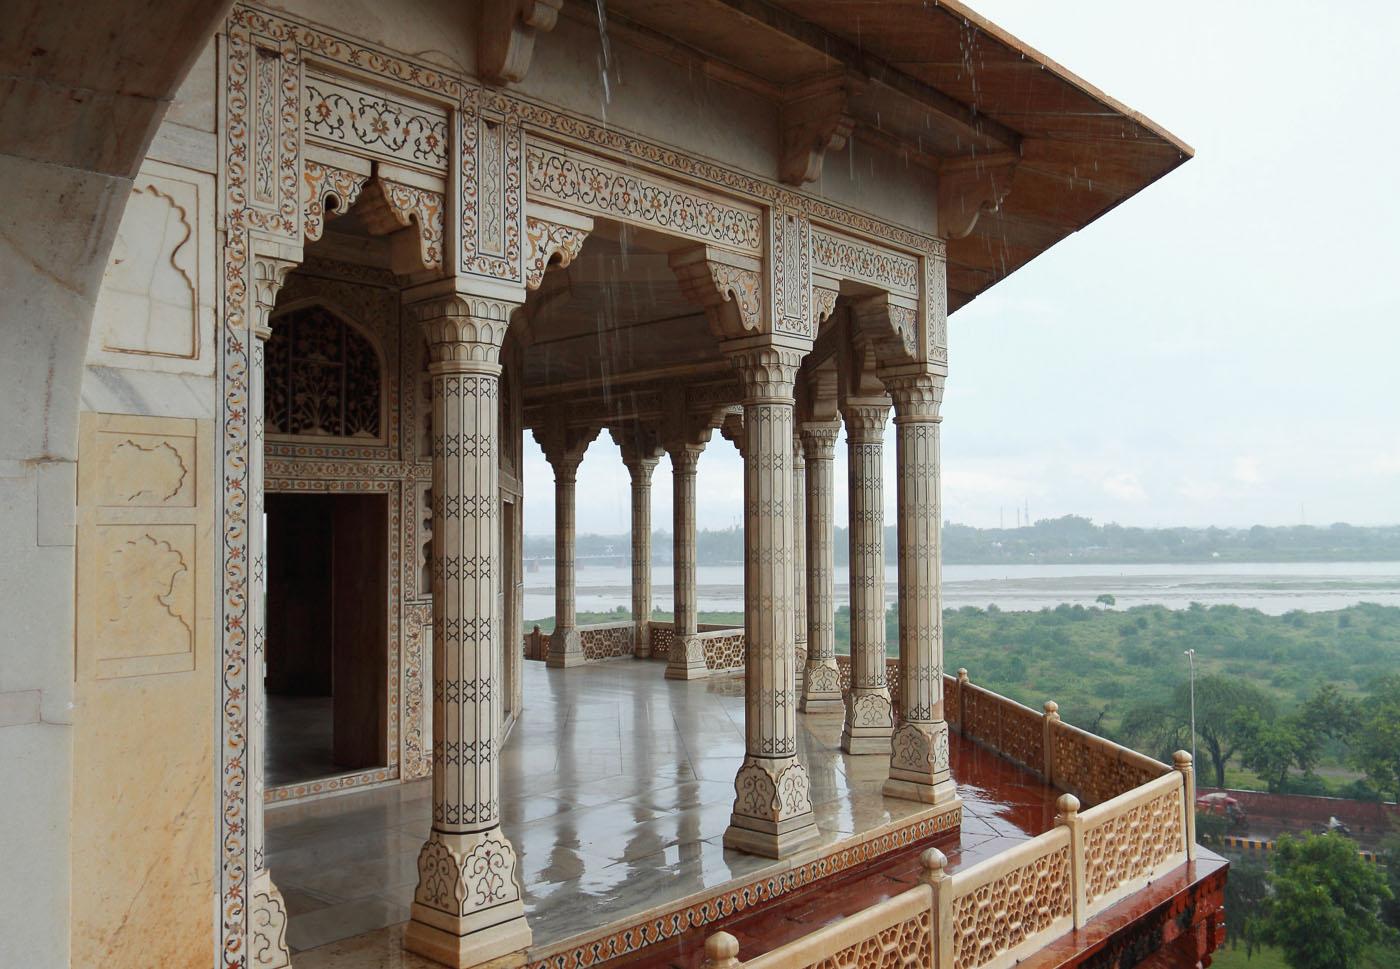 Фото 8. Мрамор башни Мусамман Бурд. Рассказы о поездке по Золотому треугольнику Индии.